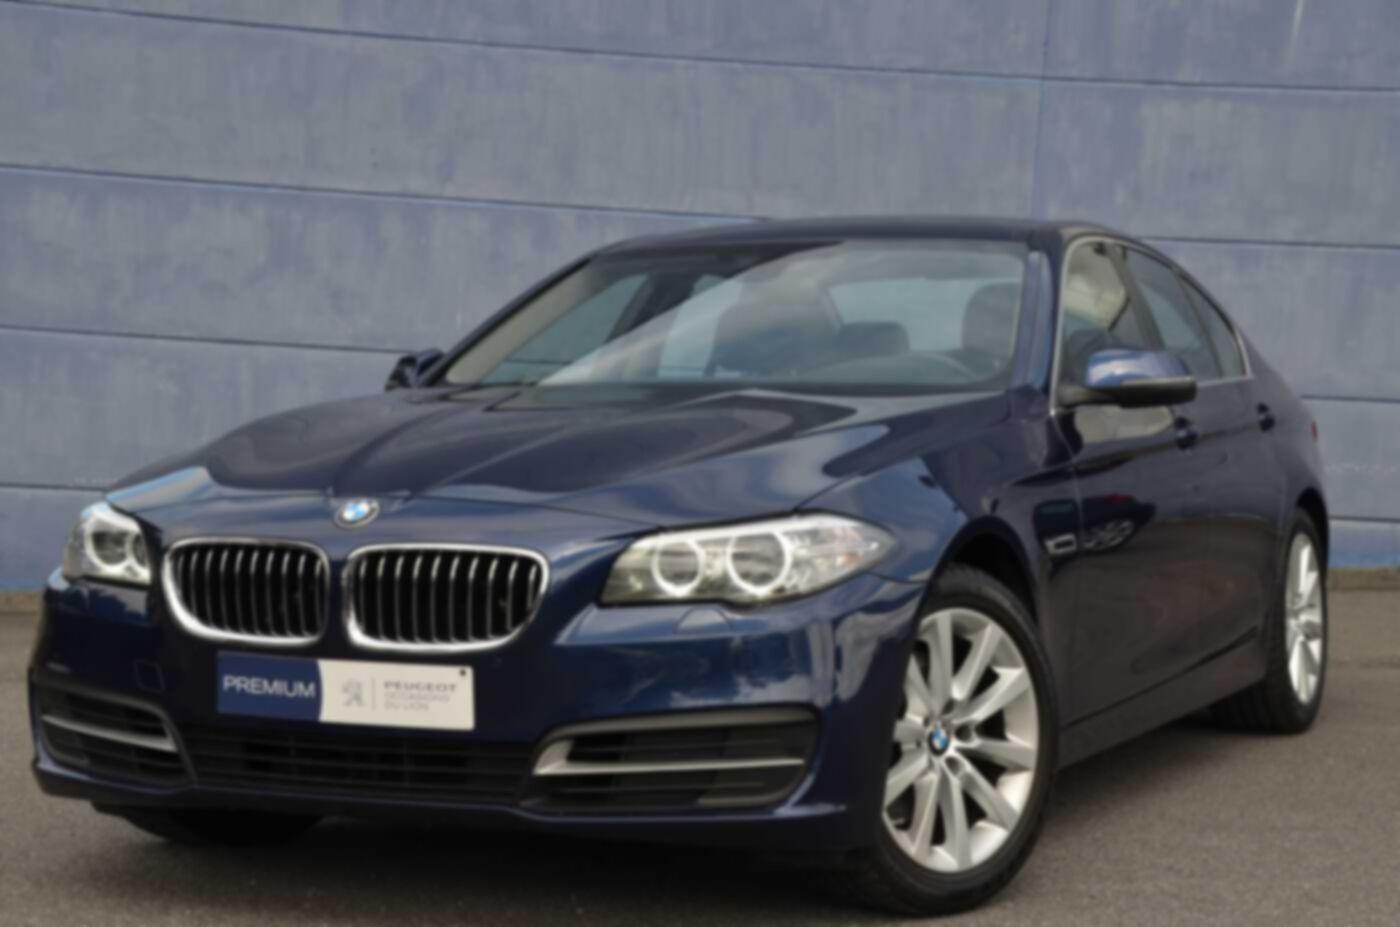 BMW 5 DIESEL - 2015 518 dA